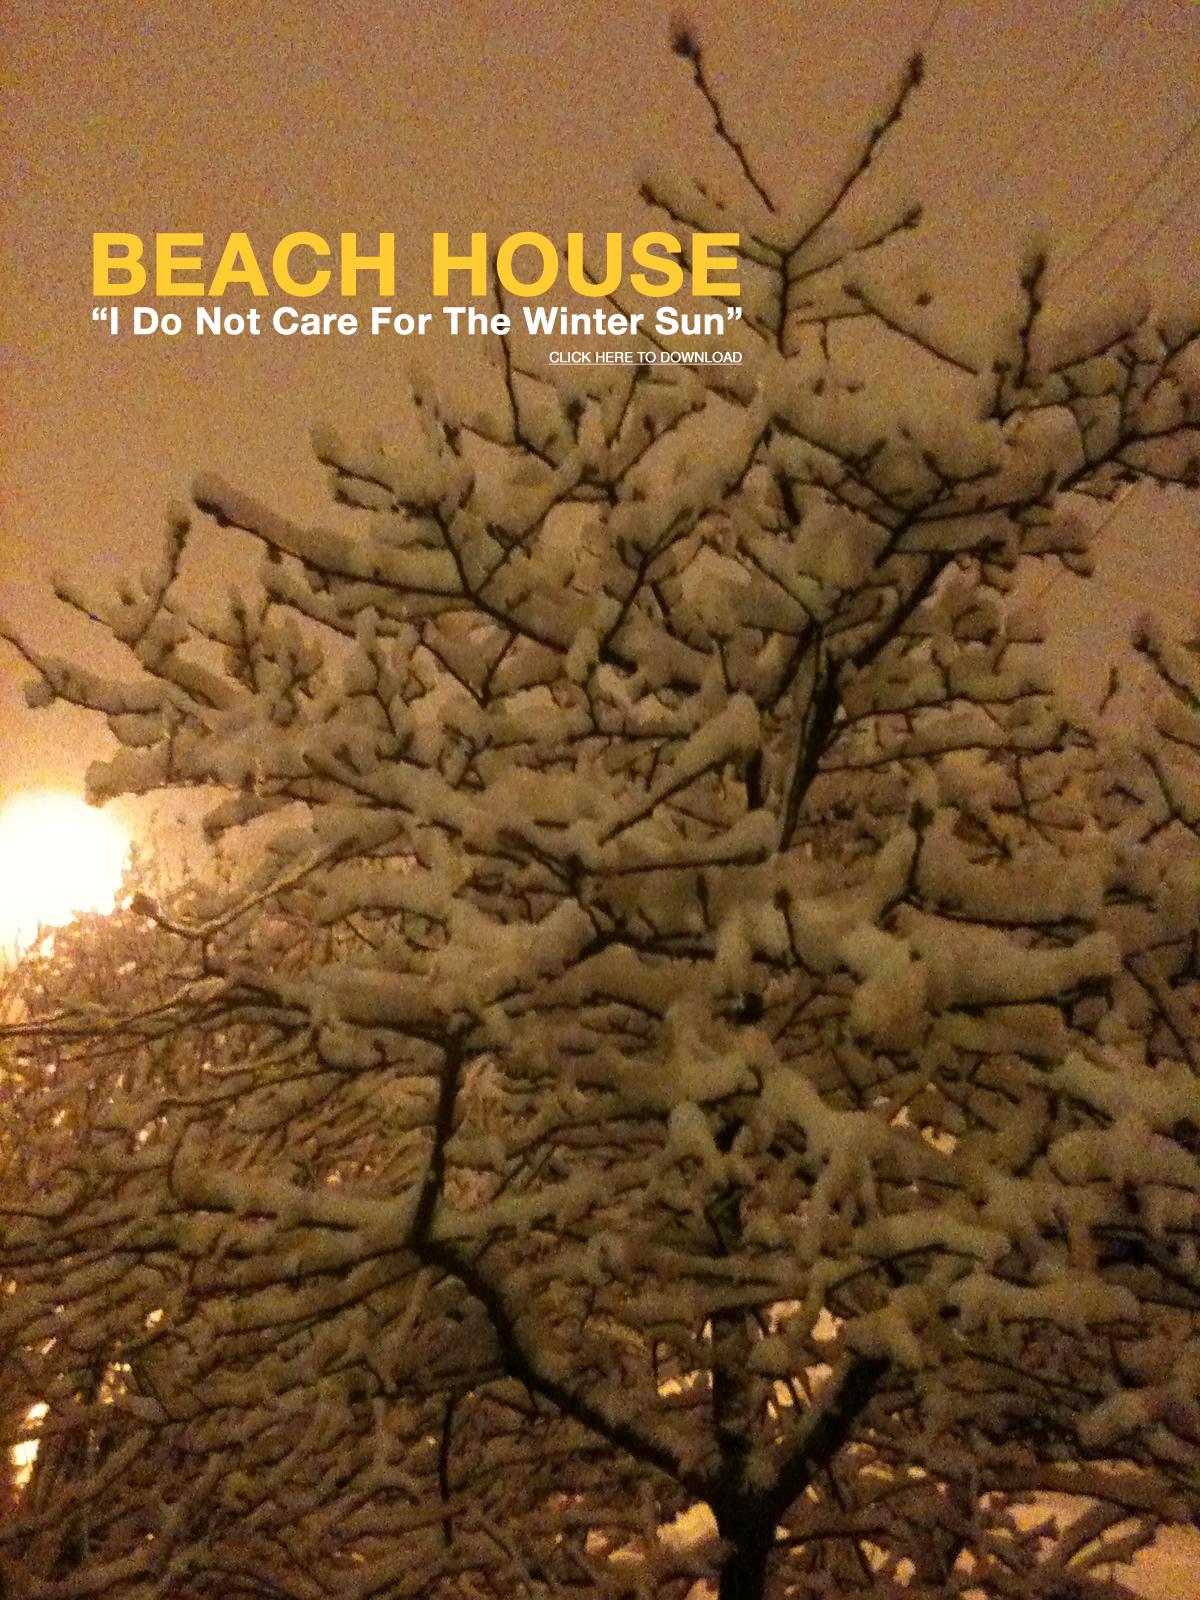 Beach House se adelanta a la navidad y nos regala en descarga gratuita un tema inedito